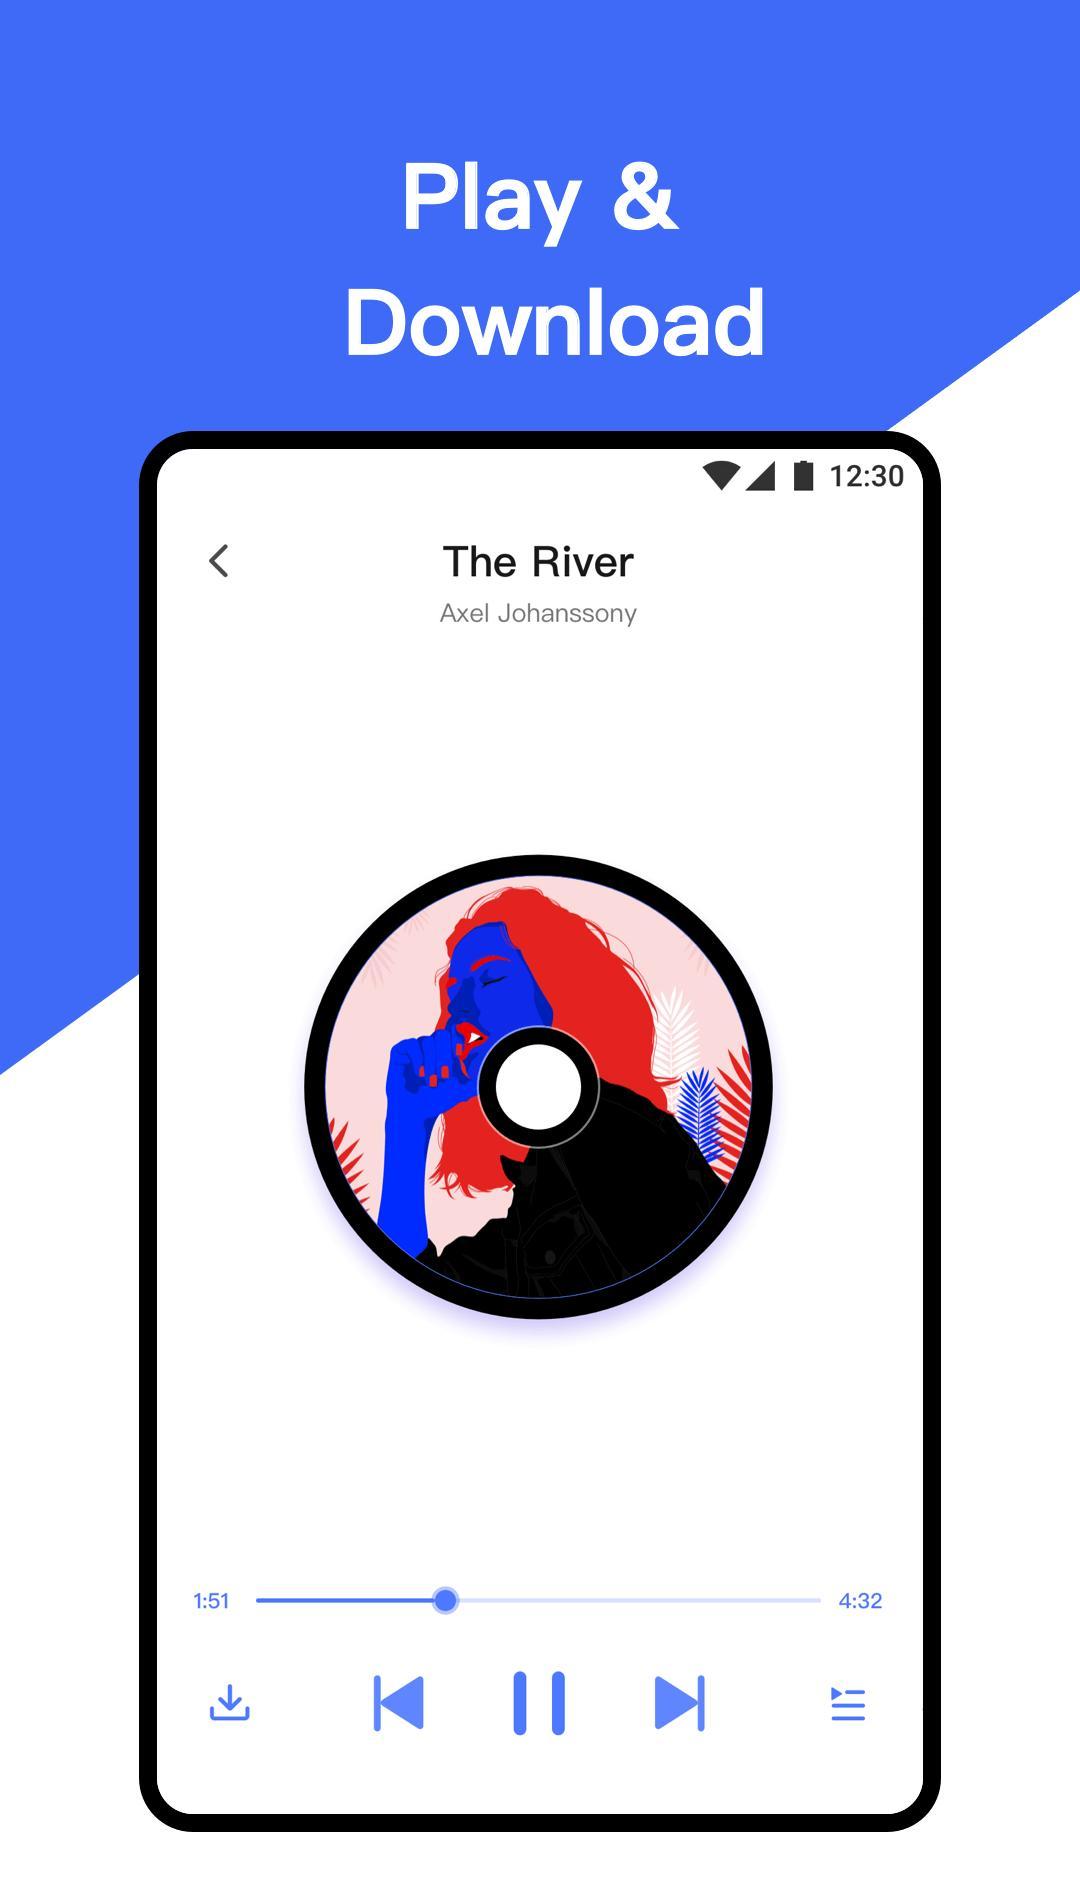 Pengunduh musik mp3 gratis terbaik secara gratis for Android - APK Download